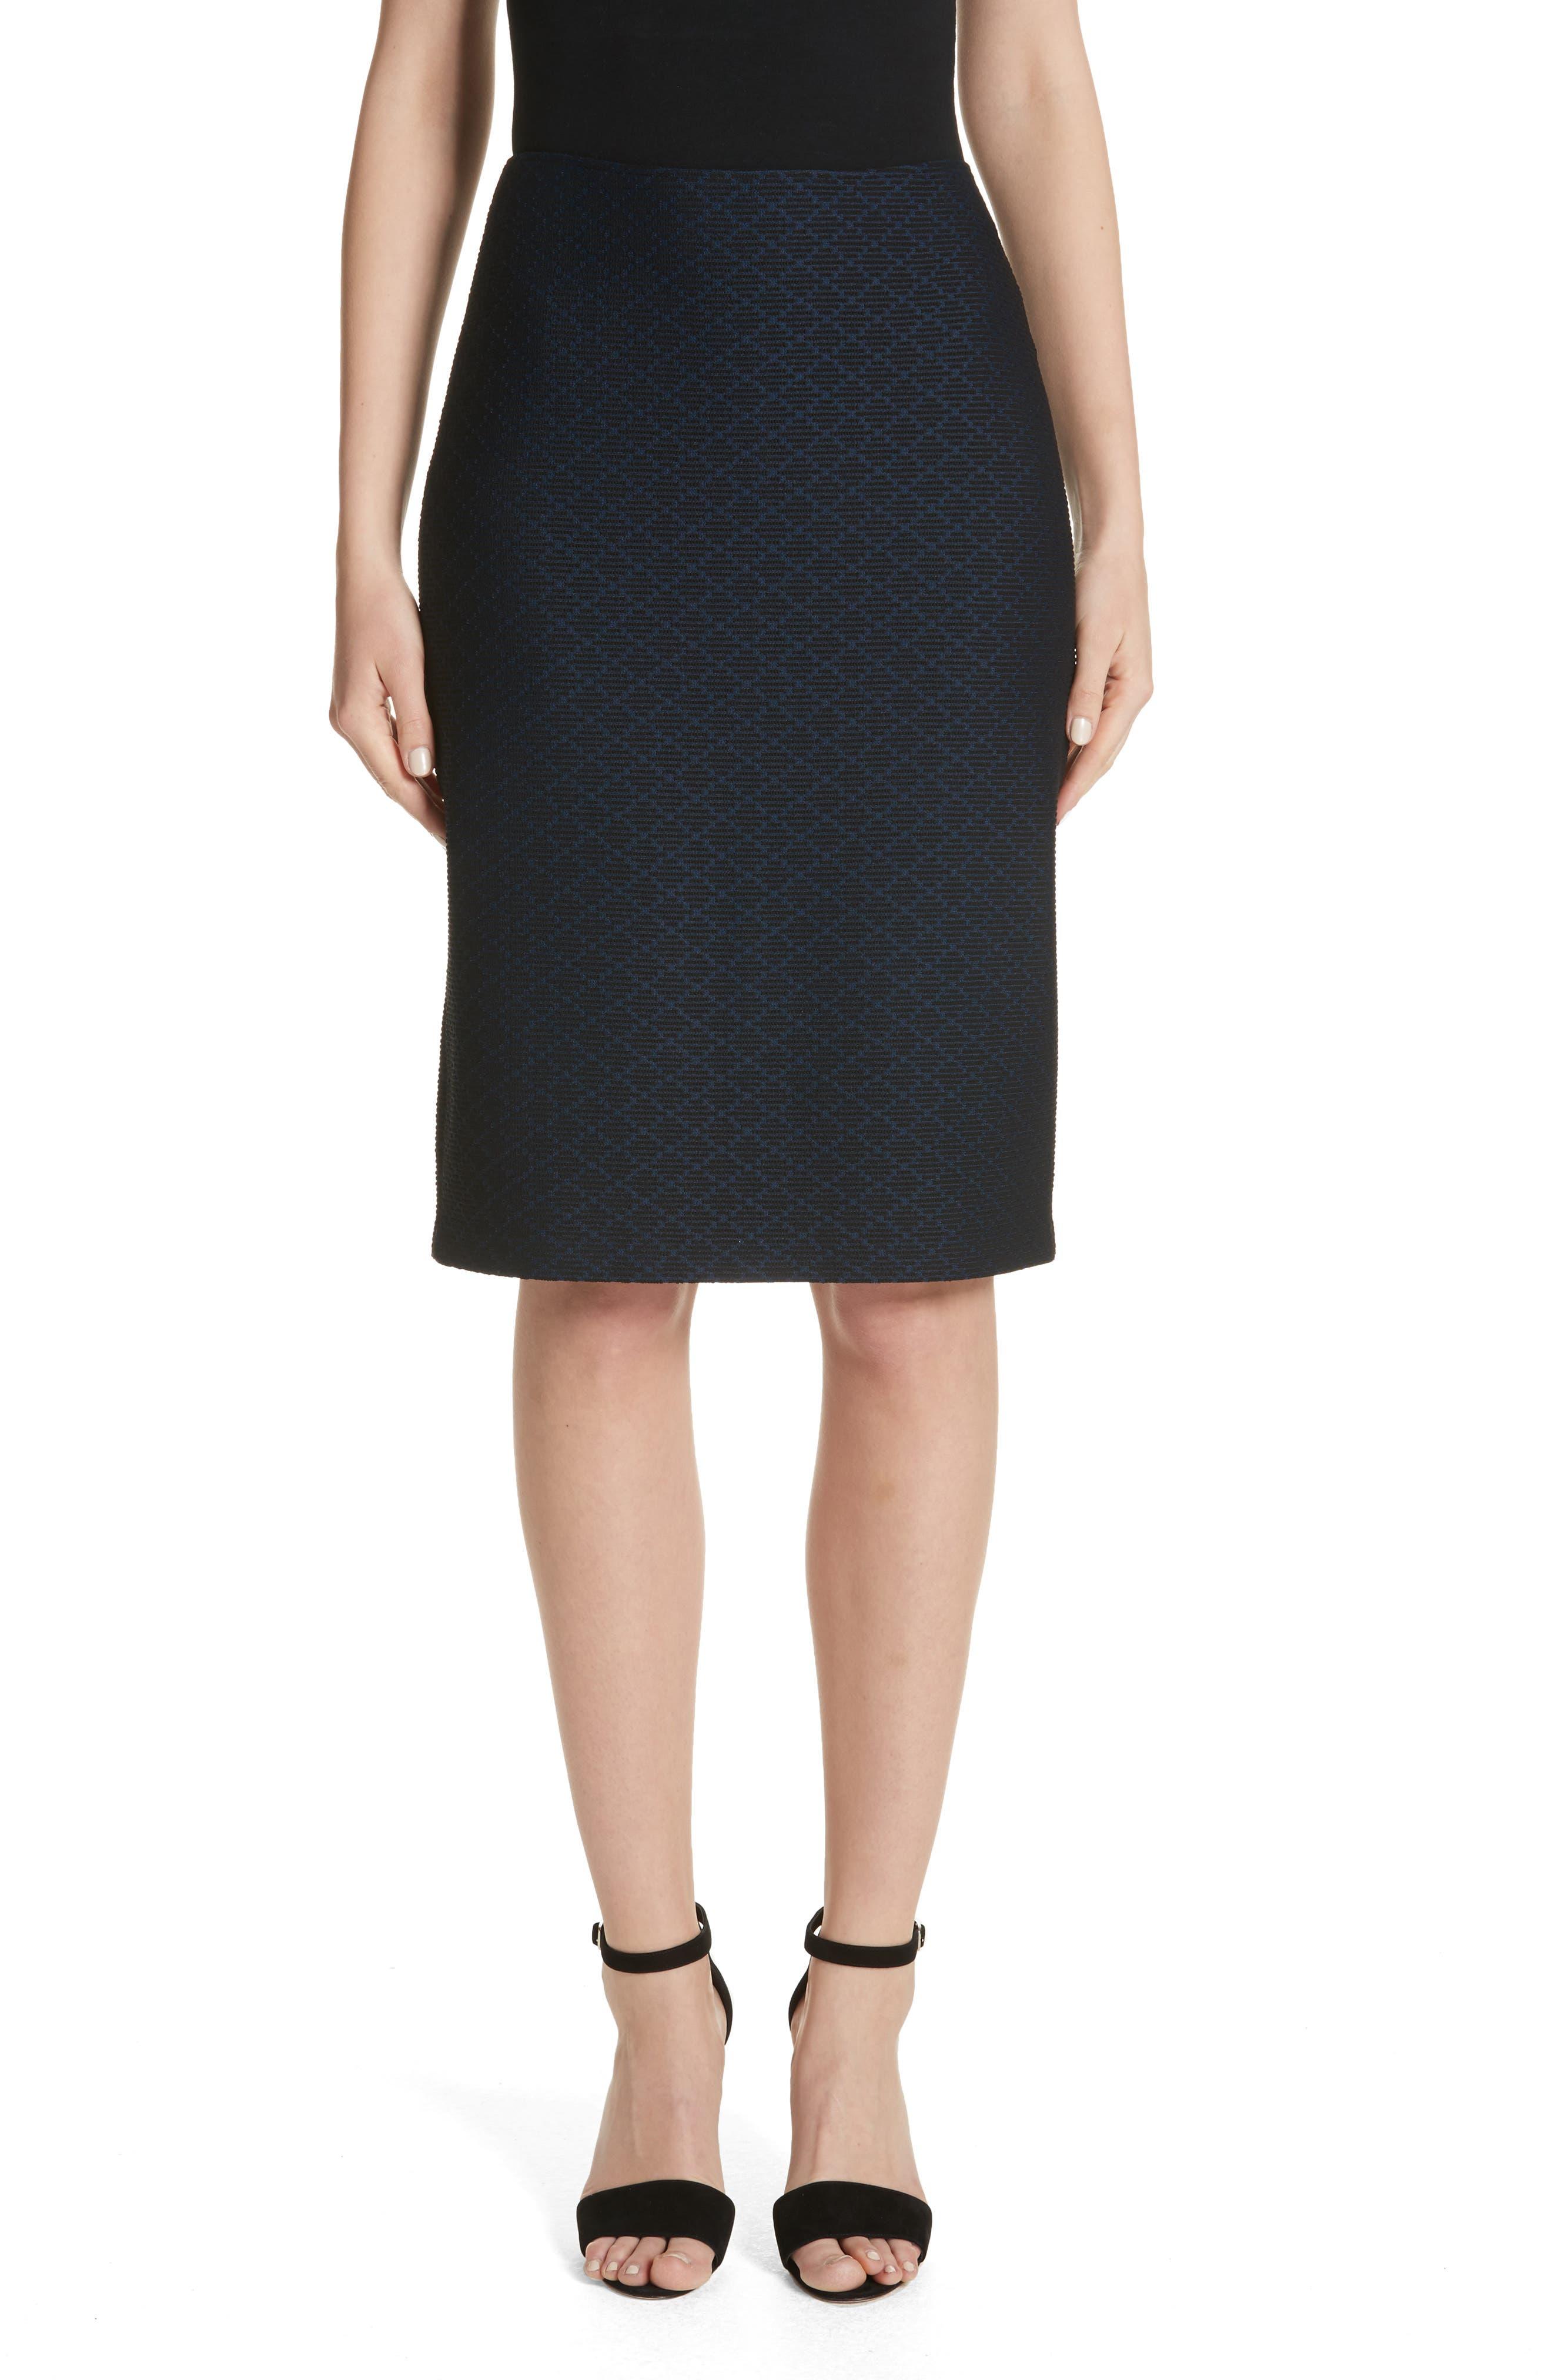 Alternate Image 1 Selected - Emporio Armani Diamond Knit Jacquard Pencil Skirt